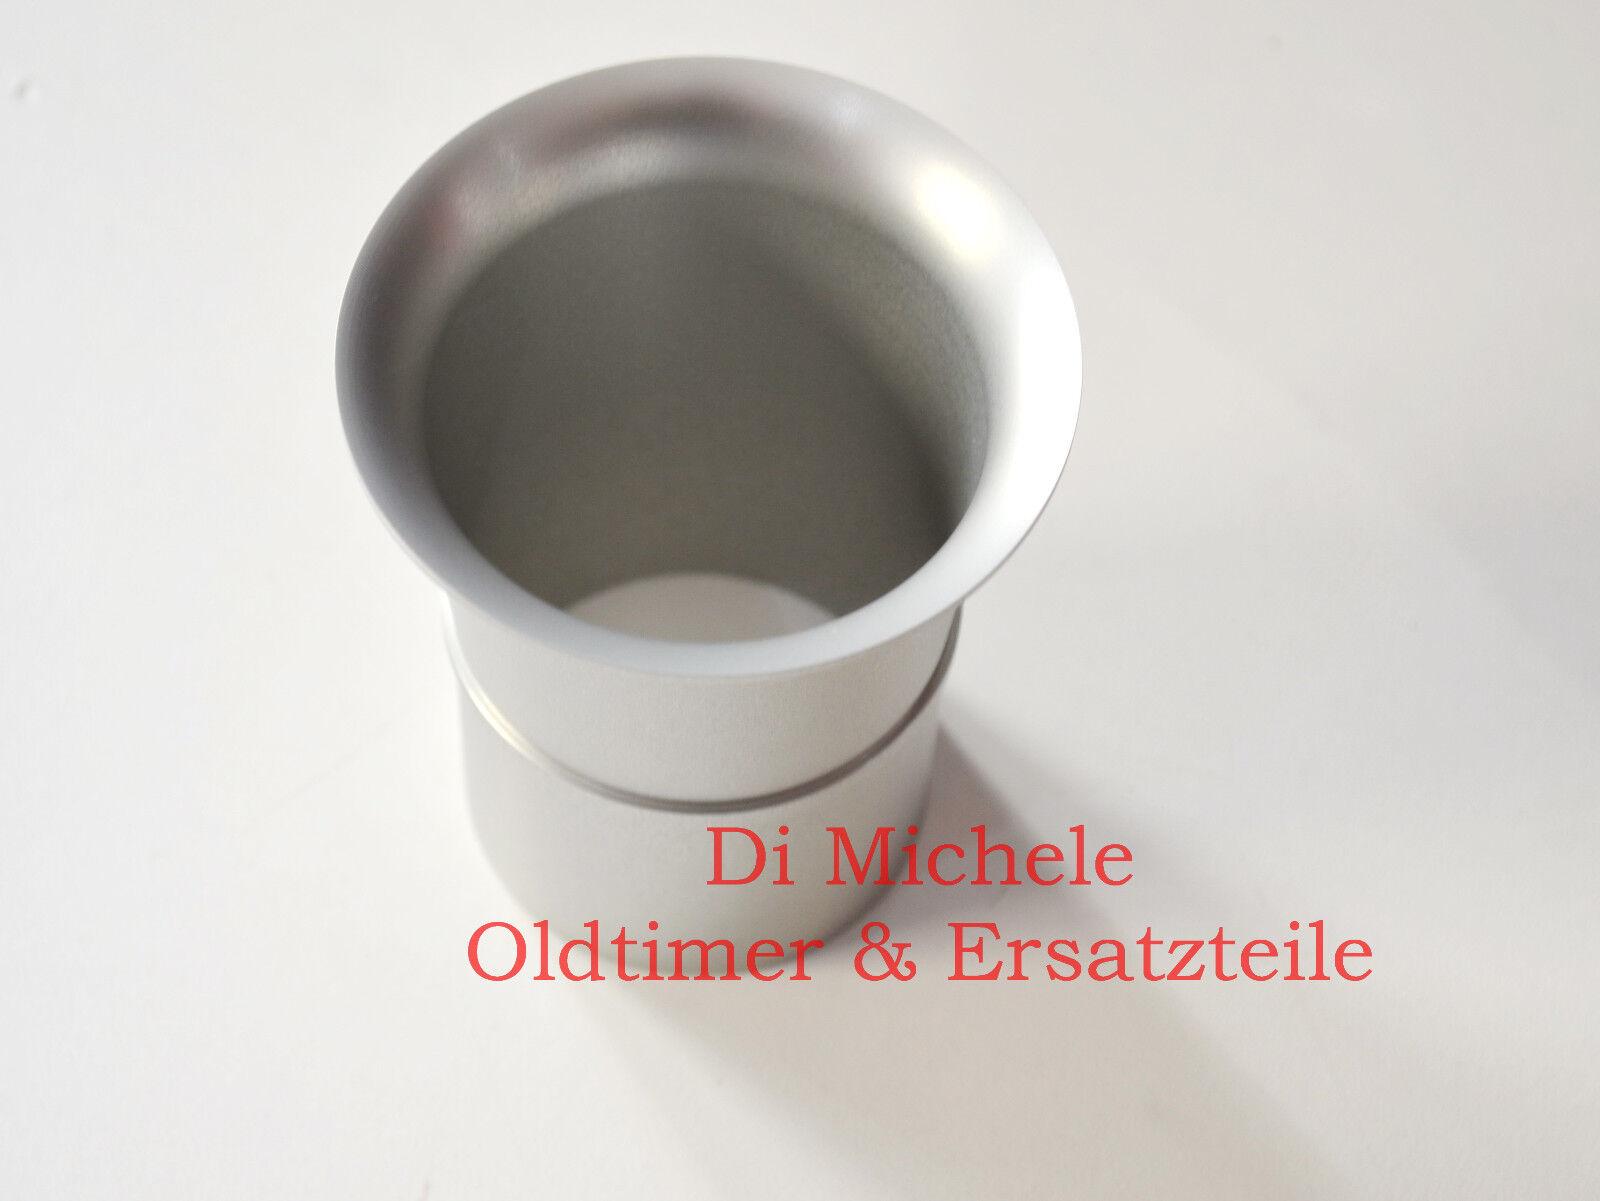 DCO DCOE Benzinanschluss Weber Vergaser Hohlschraube DCNF 1-6 Stück IDA